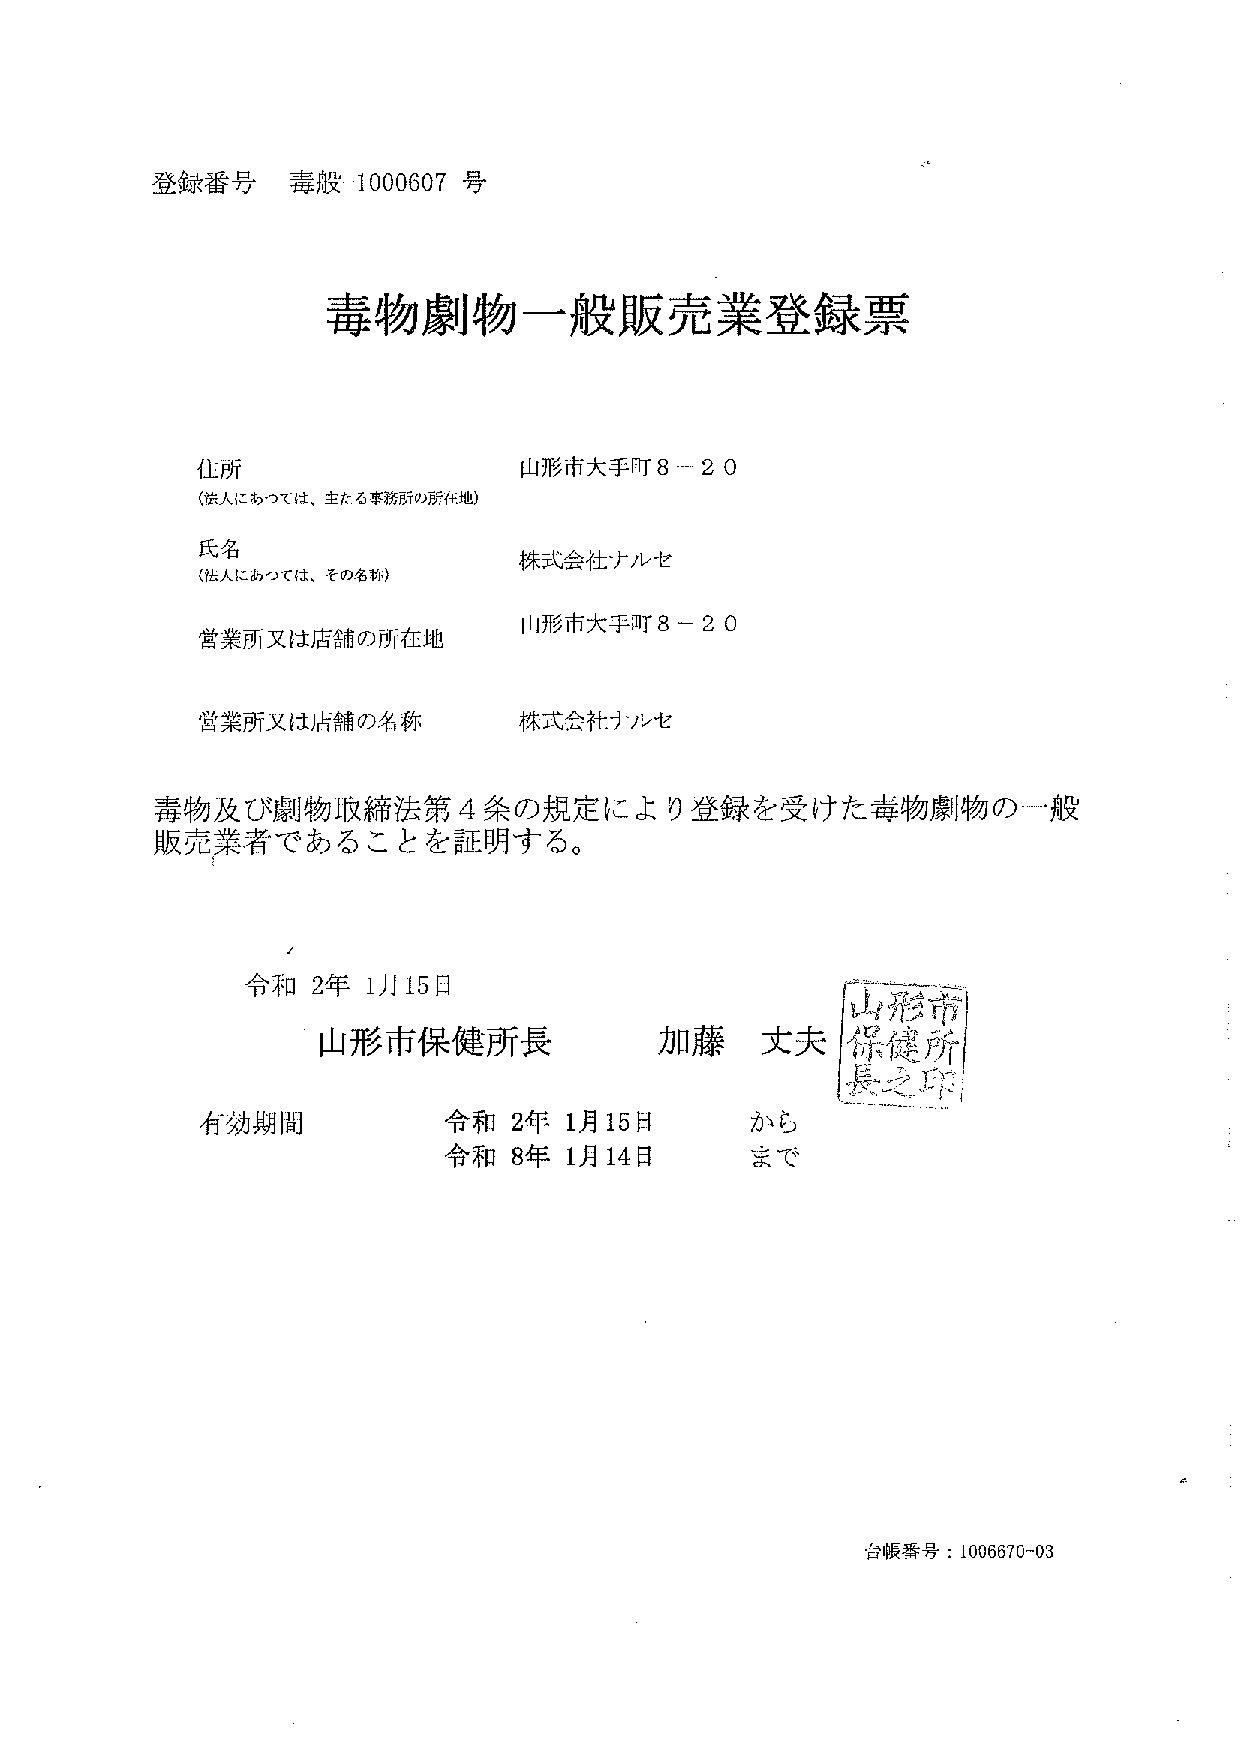 毒物劇物一般販売業登録票 山形市保健所長毒般-1000607号